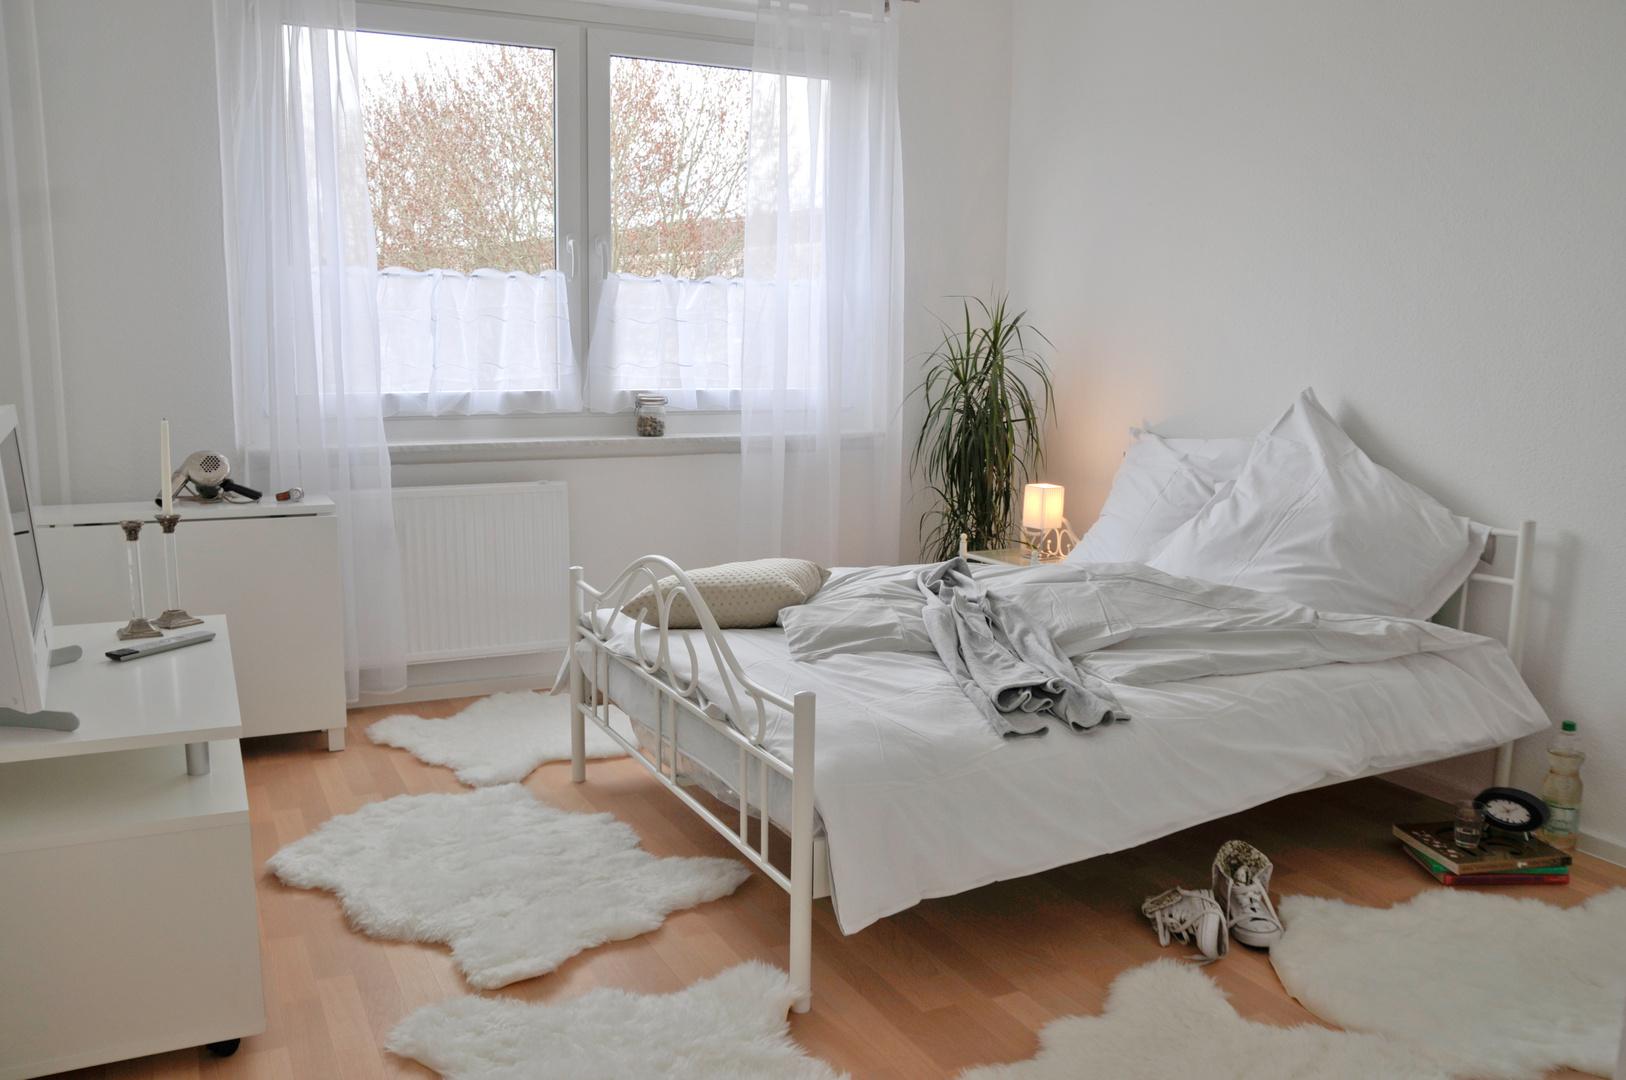 homestaging schlafzimmer foto bild lampen und leuchten alltagsdesign schlafzimmer bilder. Black Bedroom Furniture Sets. Home Design Ideas